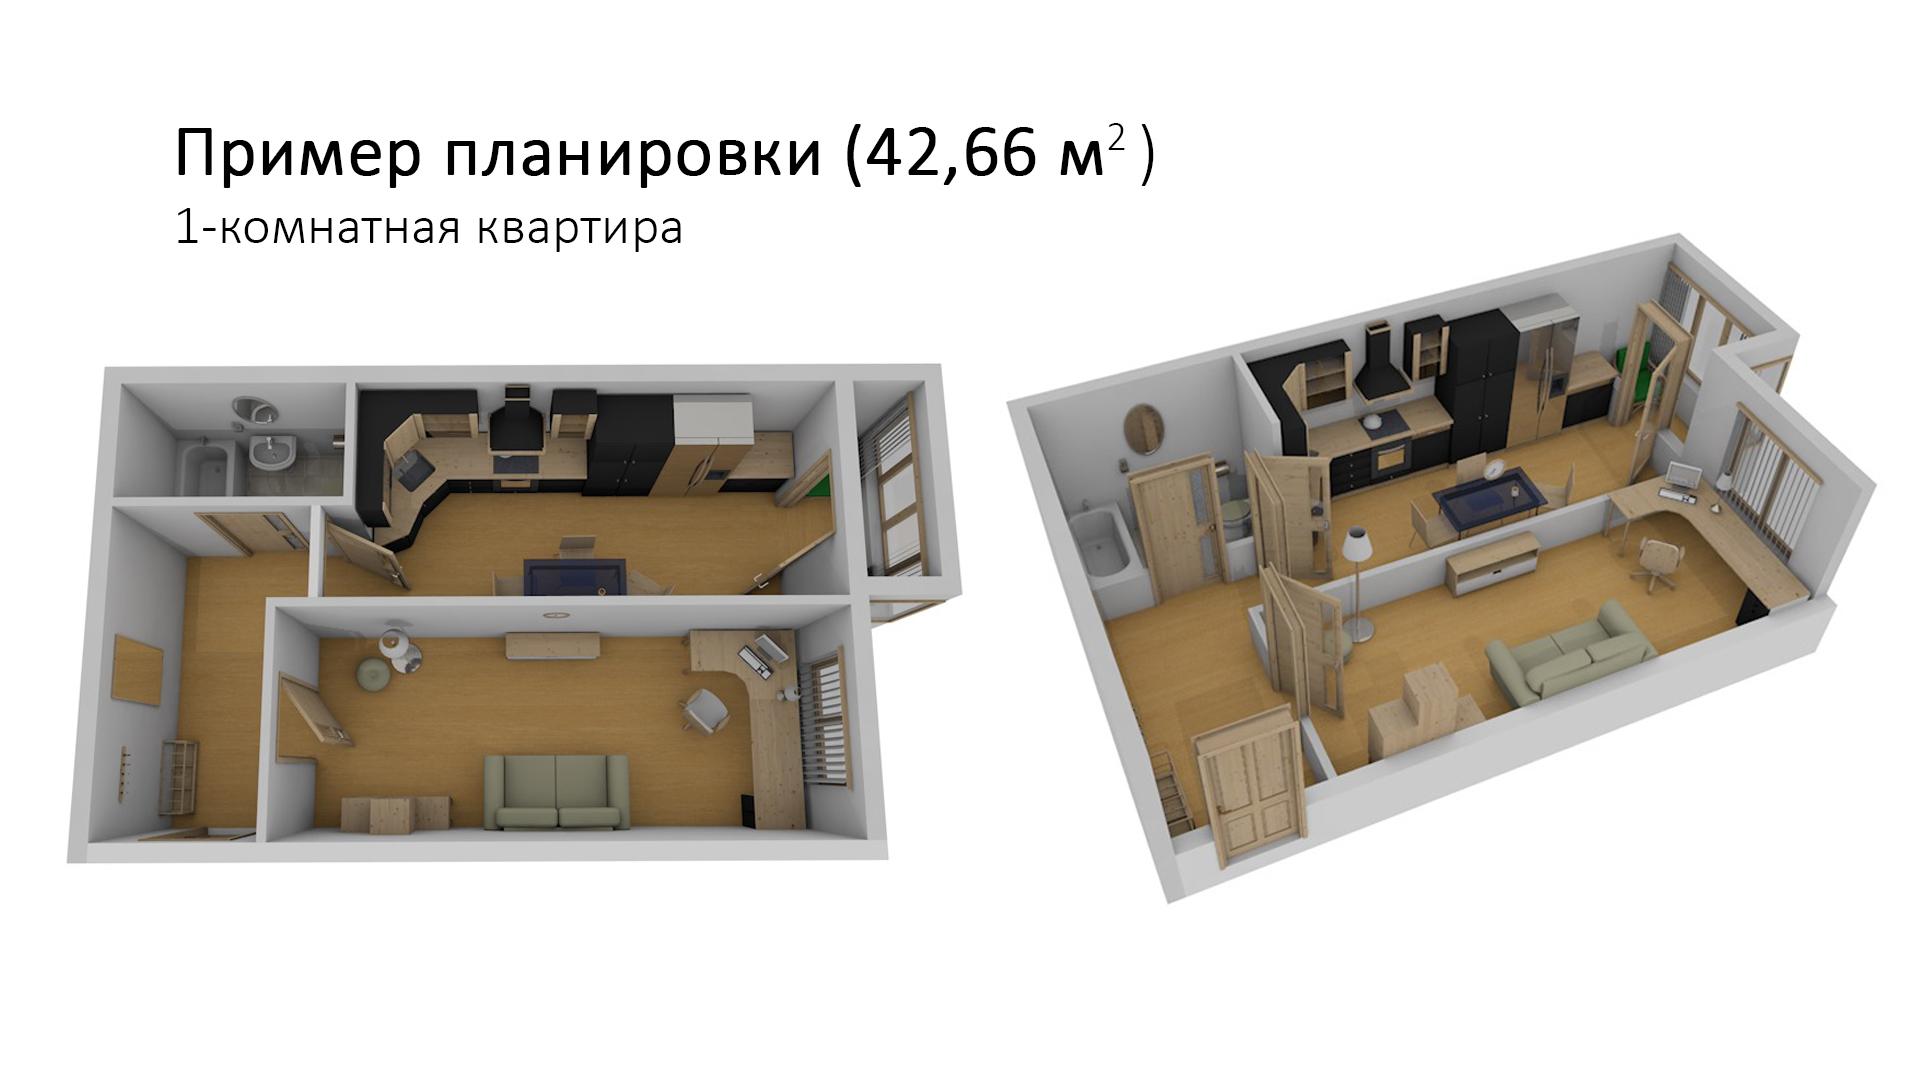 Пример планировки 1-ком. квартиры